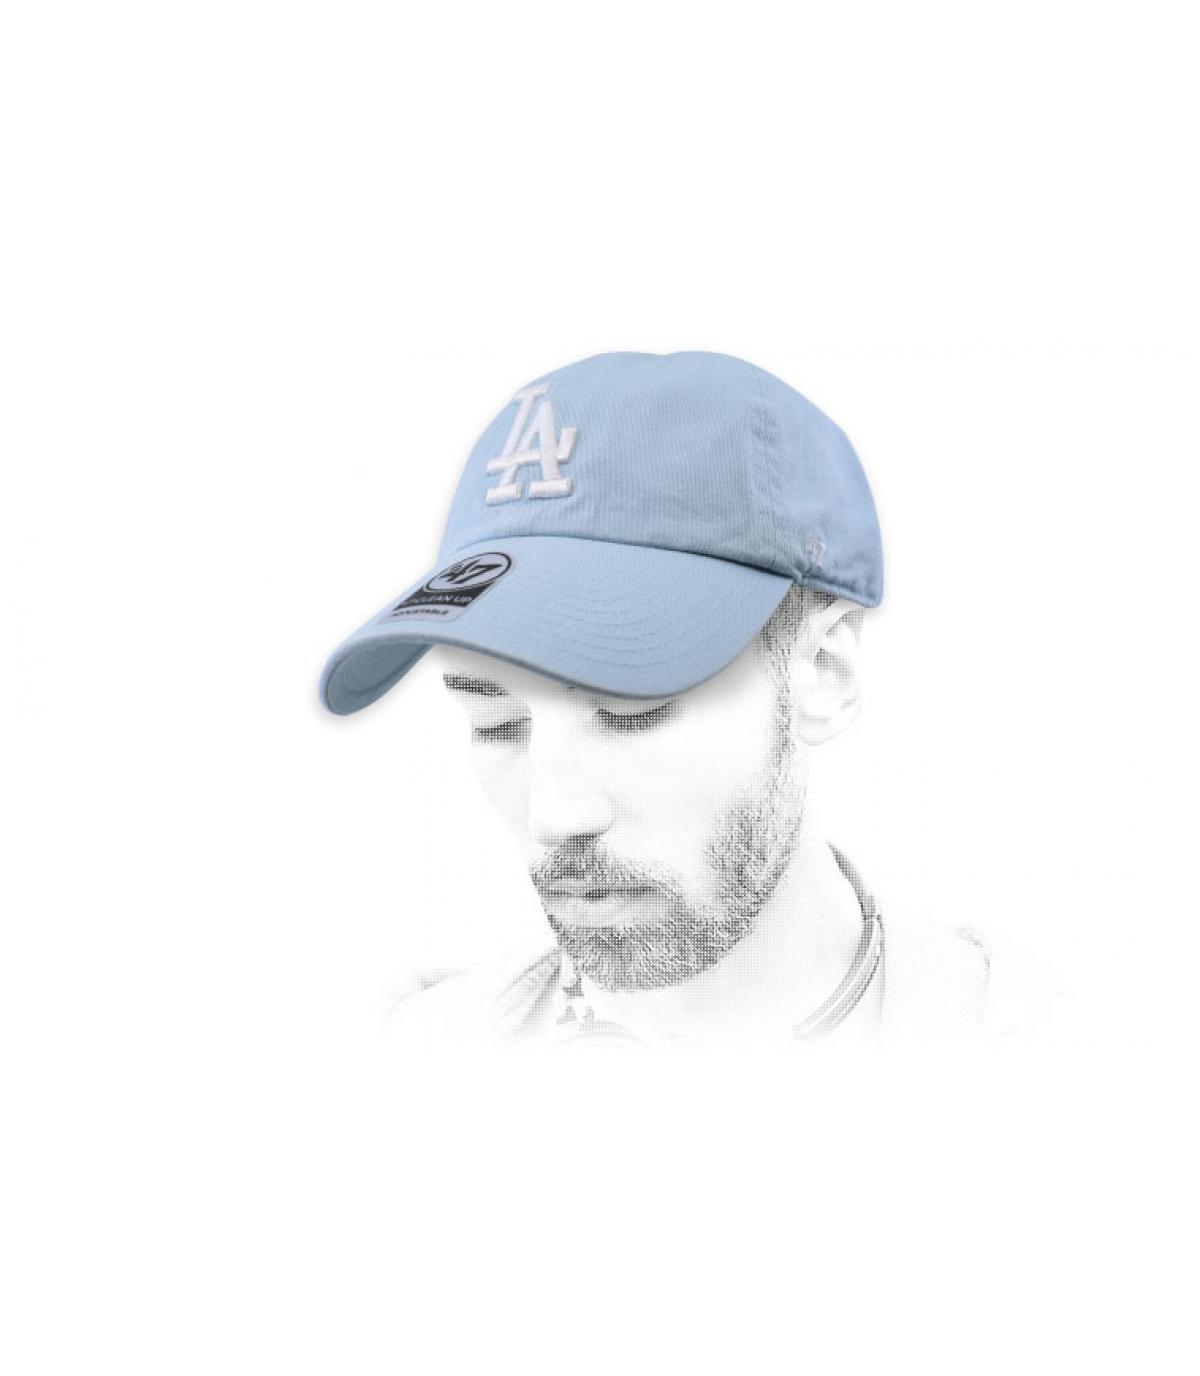 casquette LA bleu ciel